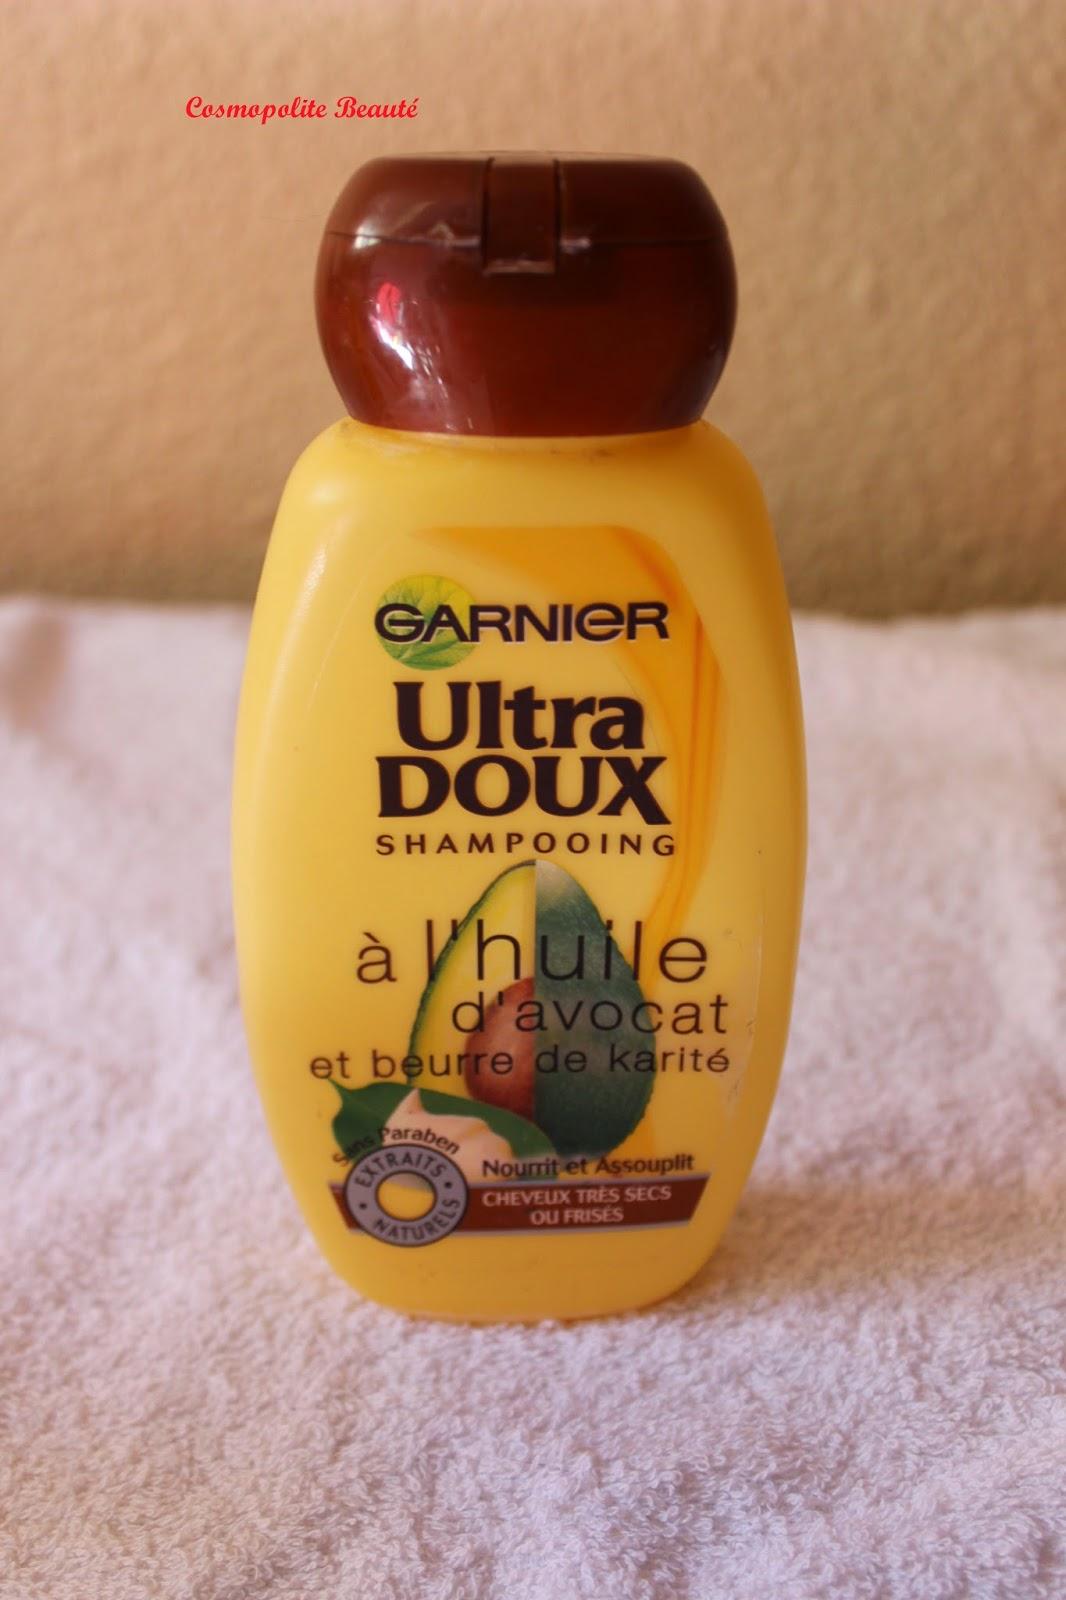 produits, cosmétiques, capillaires, Gliss, Ultra Doux, Kéralong, Huile de Coco, Klorane, Garnier, Swarzkopf, après-shampoing, shampoing, soin, masque, démêlant